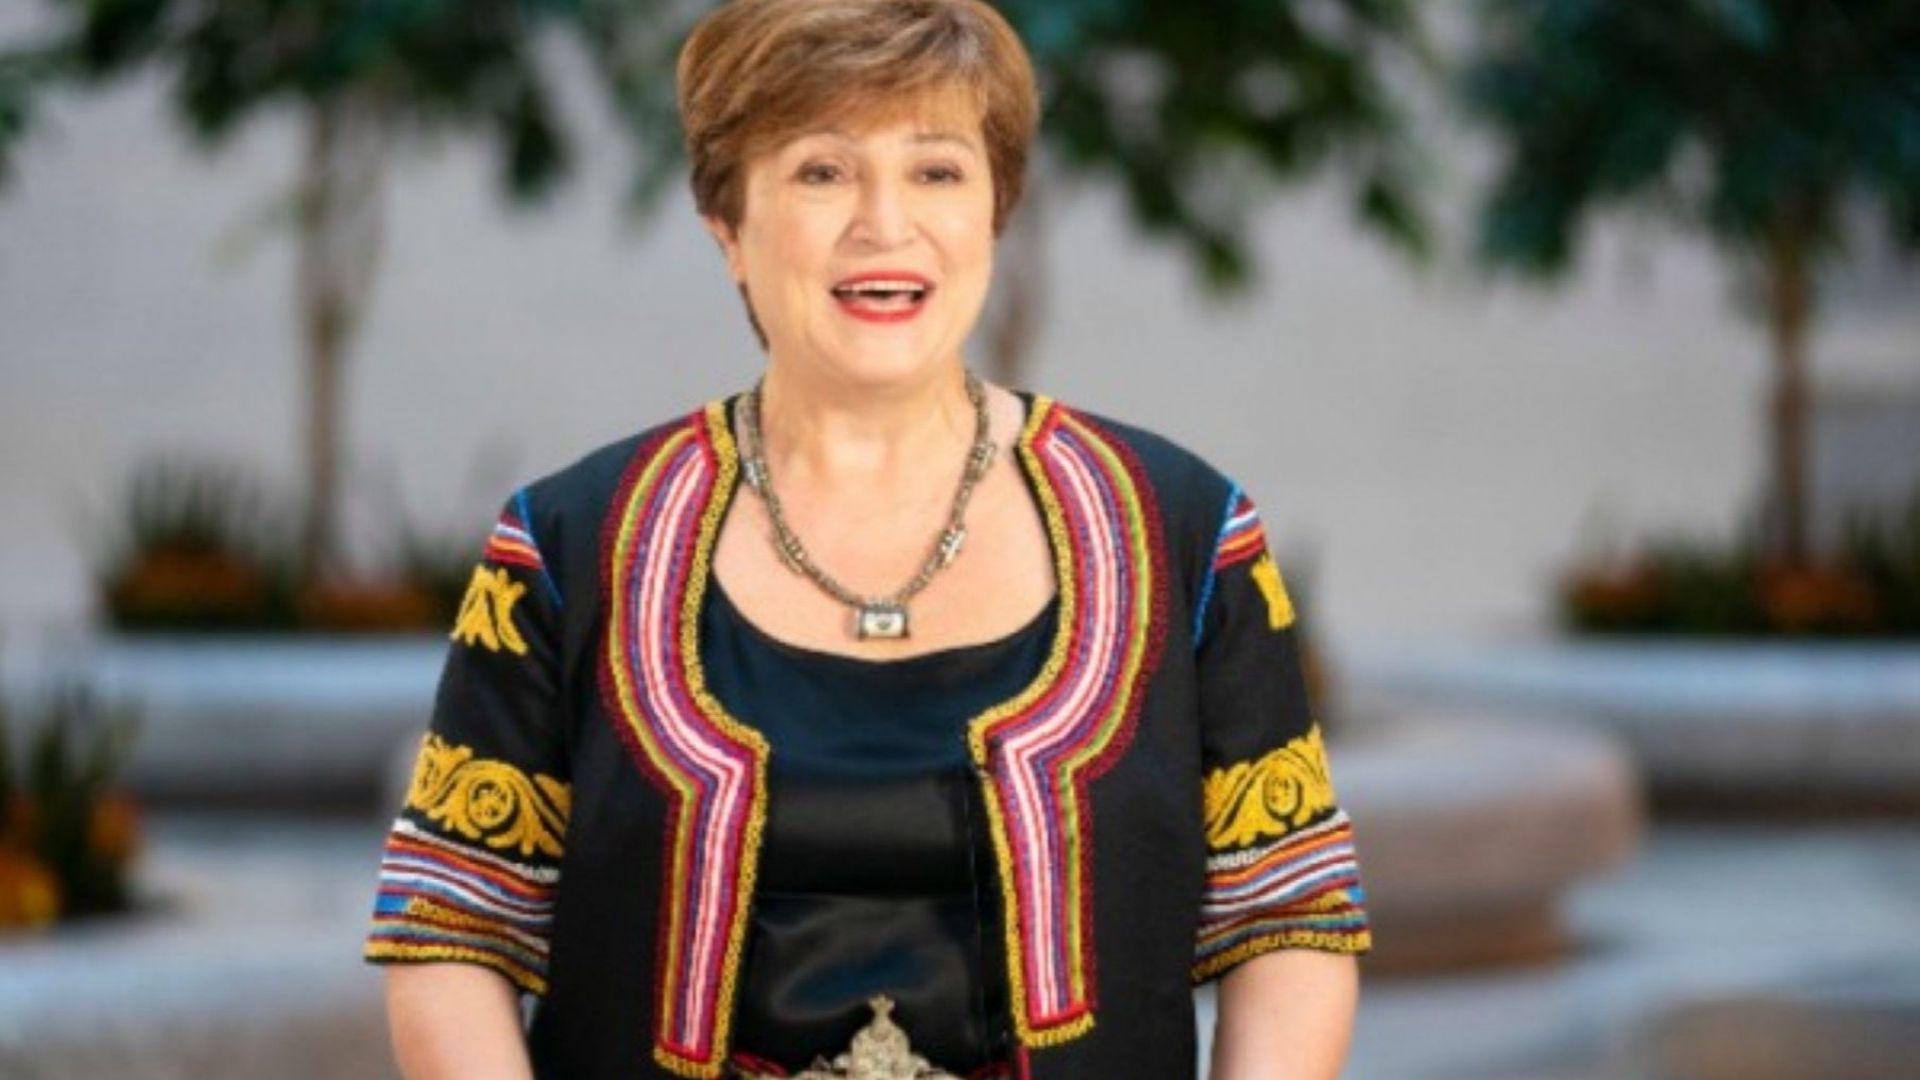 Служителите на Световната банка са изпратили Кристалина Георгиева към новата й работа с хоро